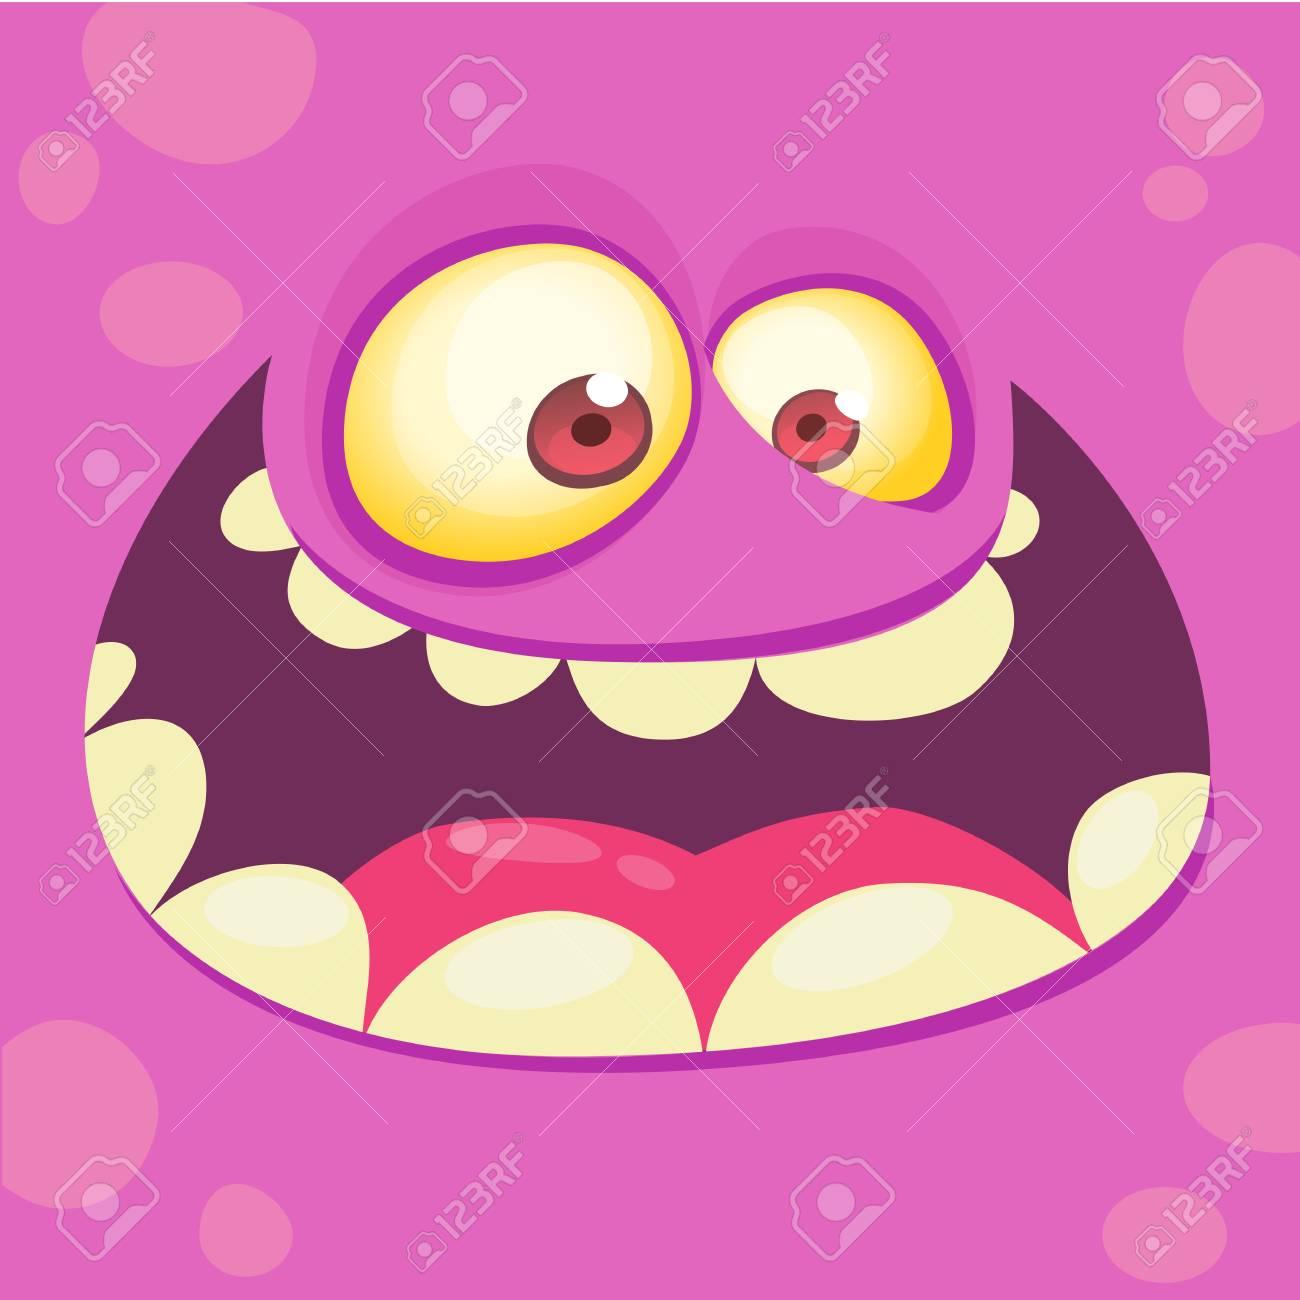 cartoon monster face. vector halloween pink monster avatar with